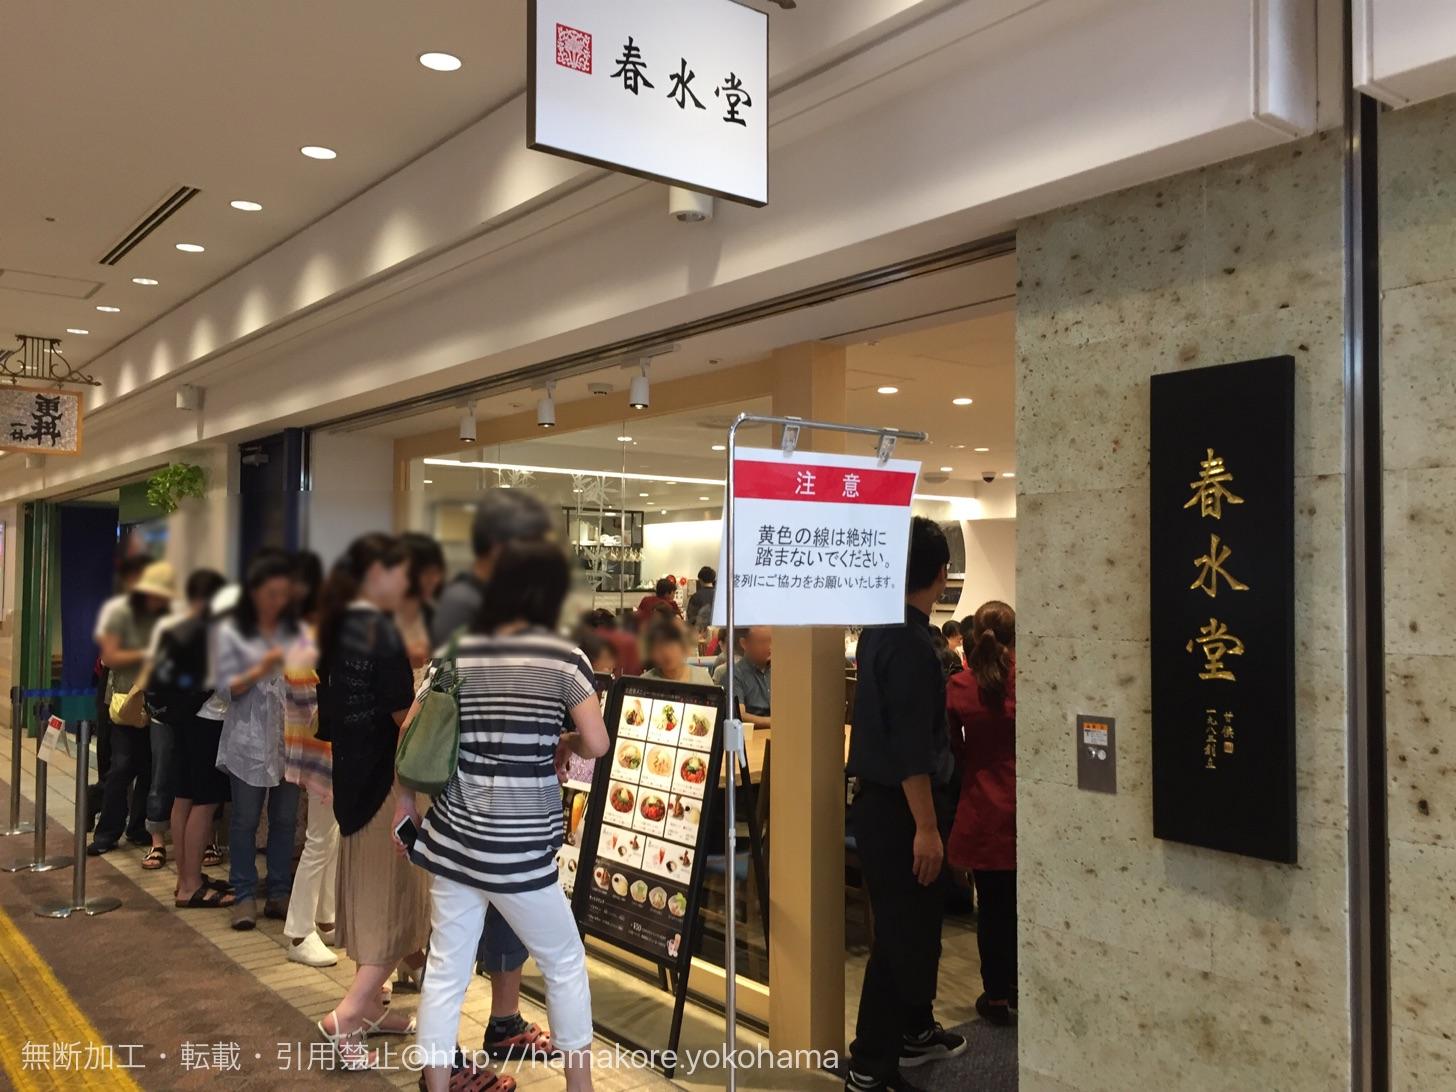 春水堂 横浜店 外観と行列